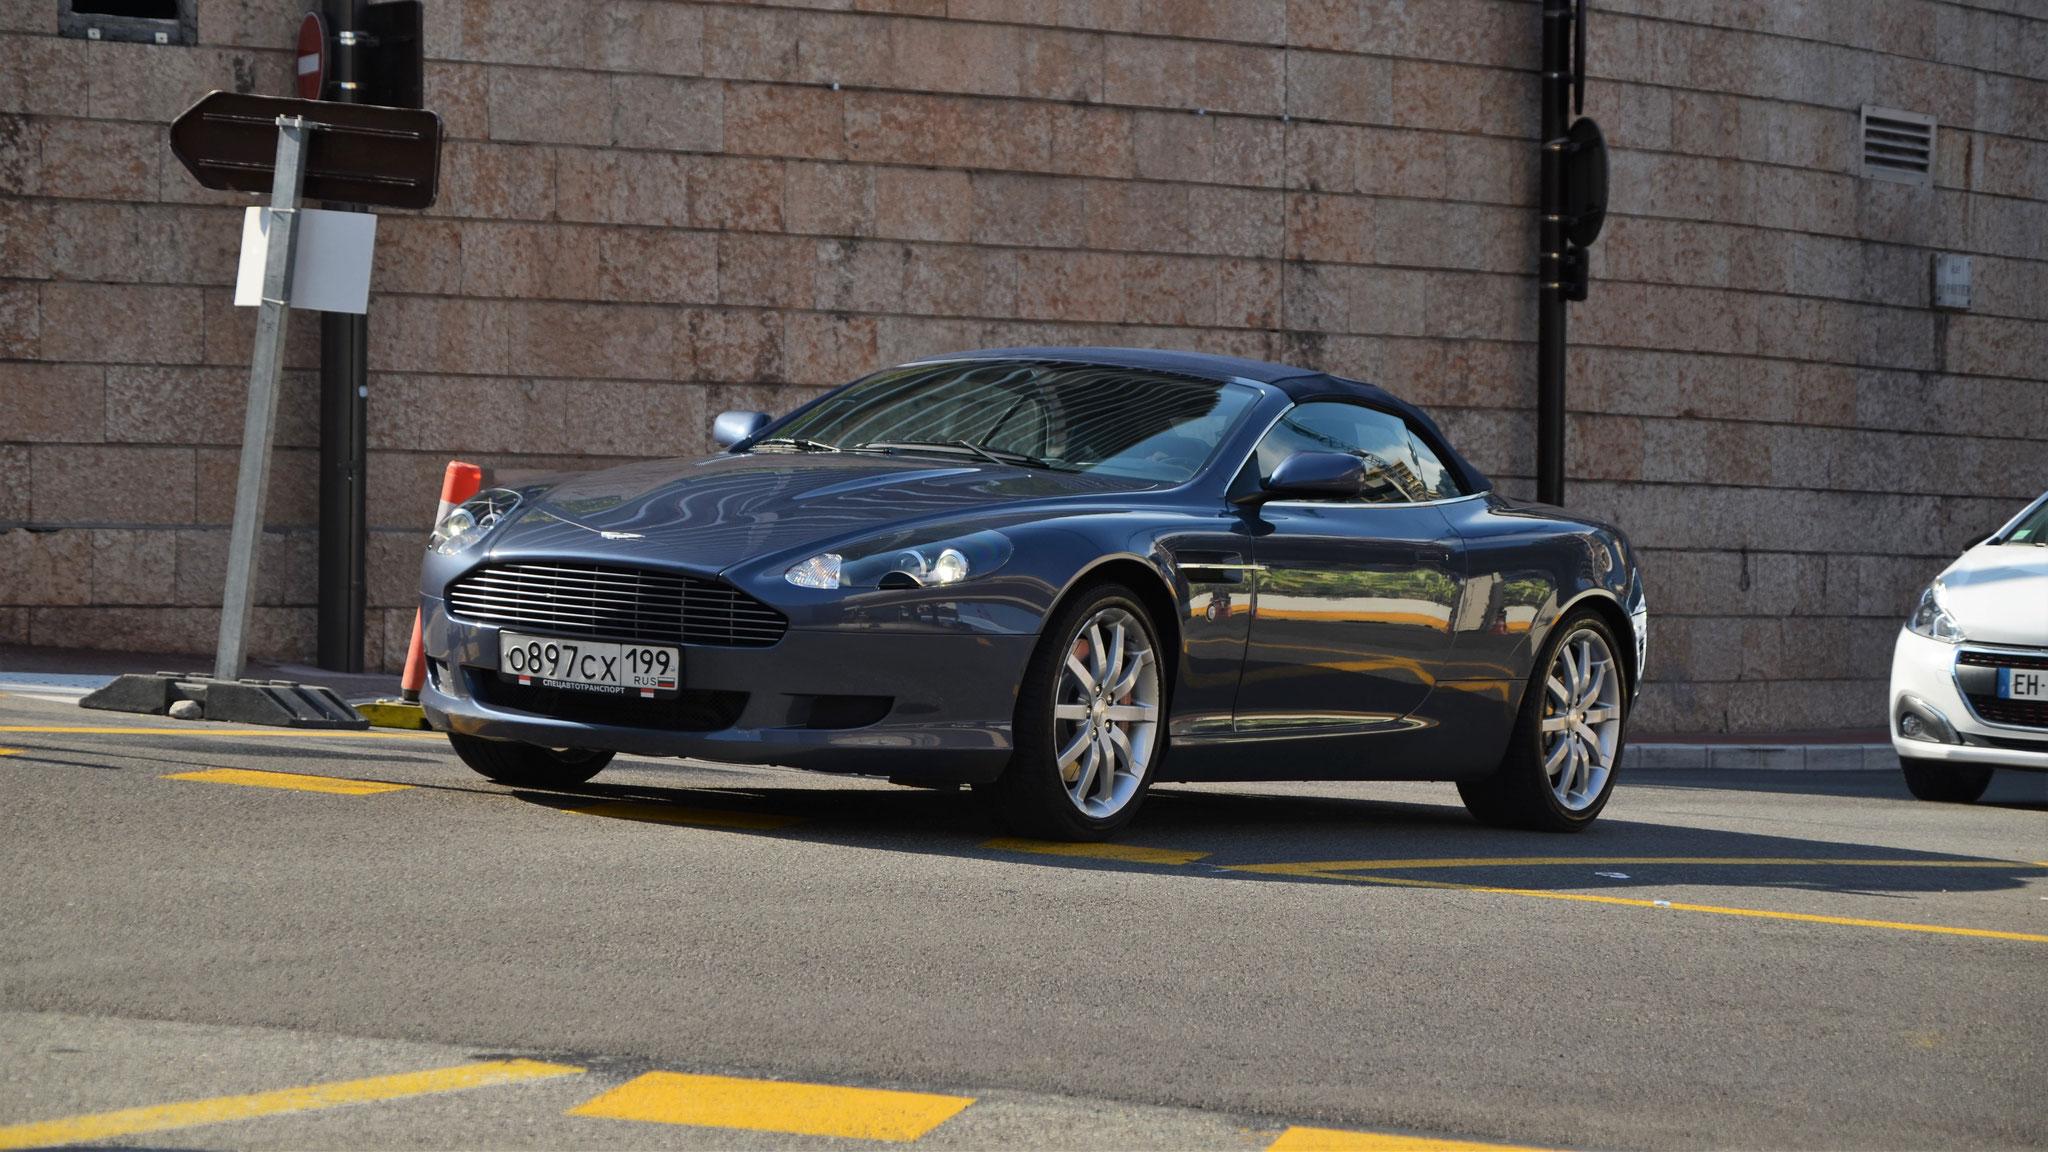 Aston Martin DB9 Volante - O-897-CX-199 (RUS)